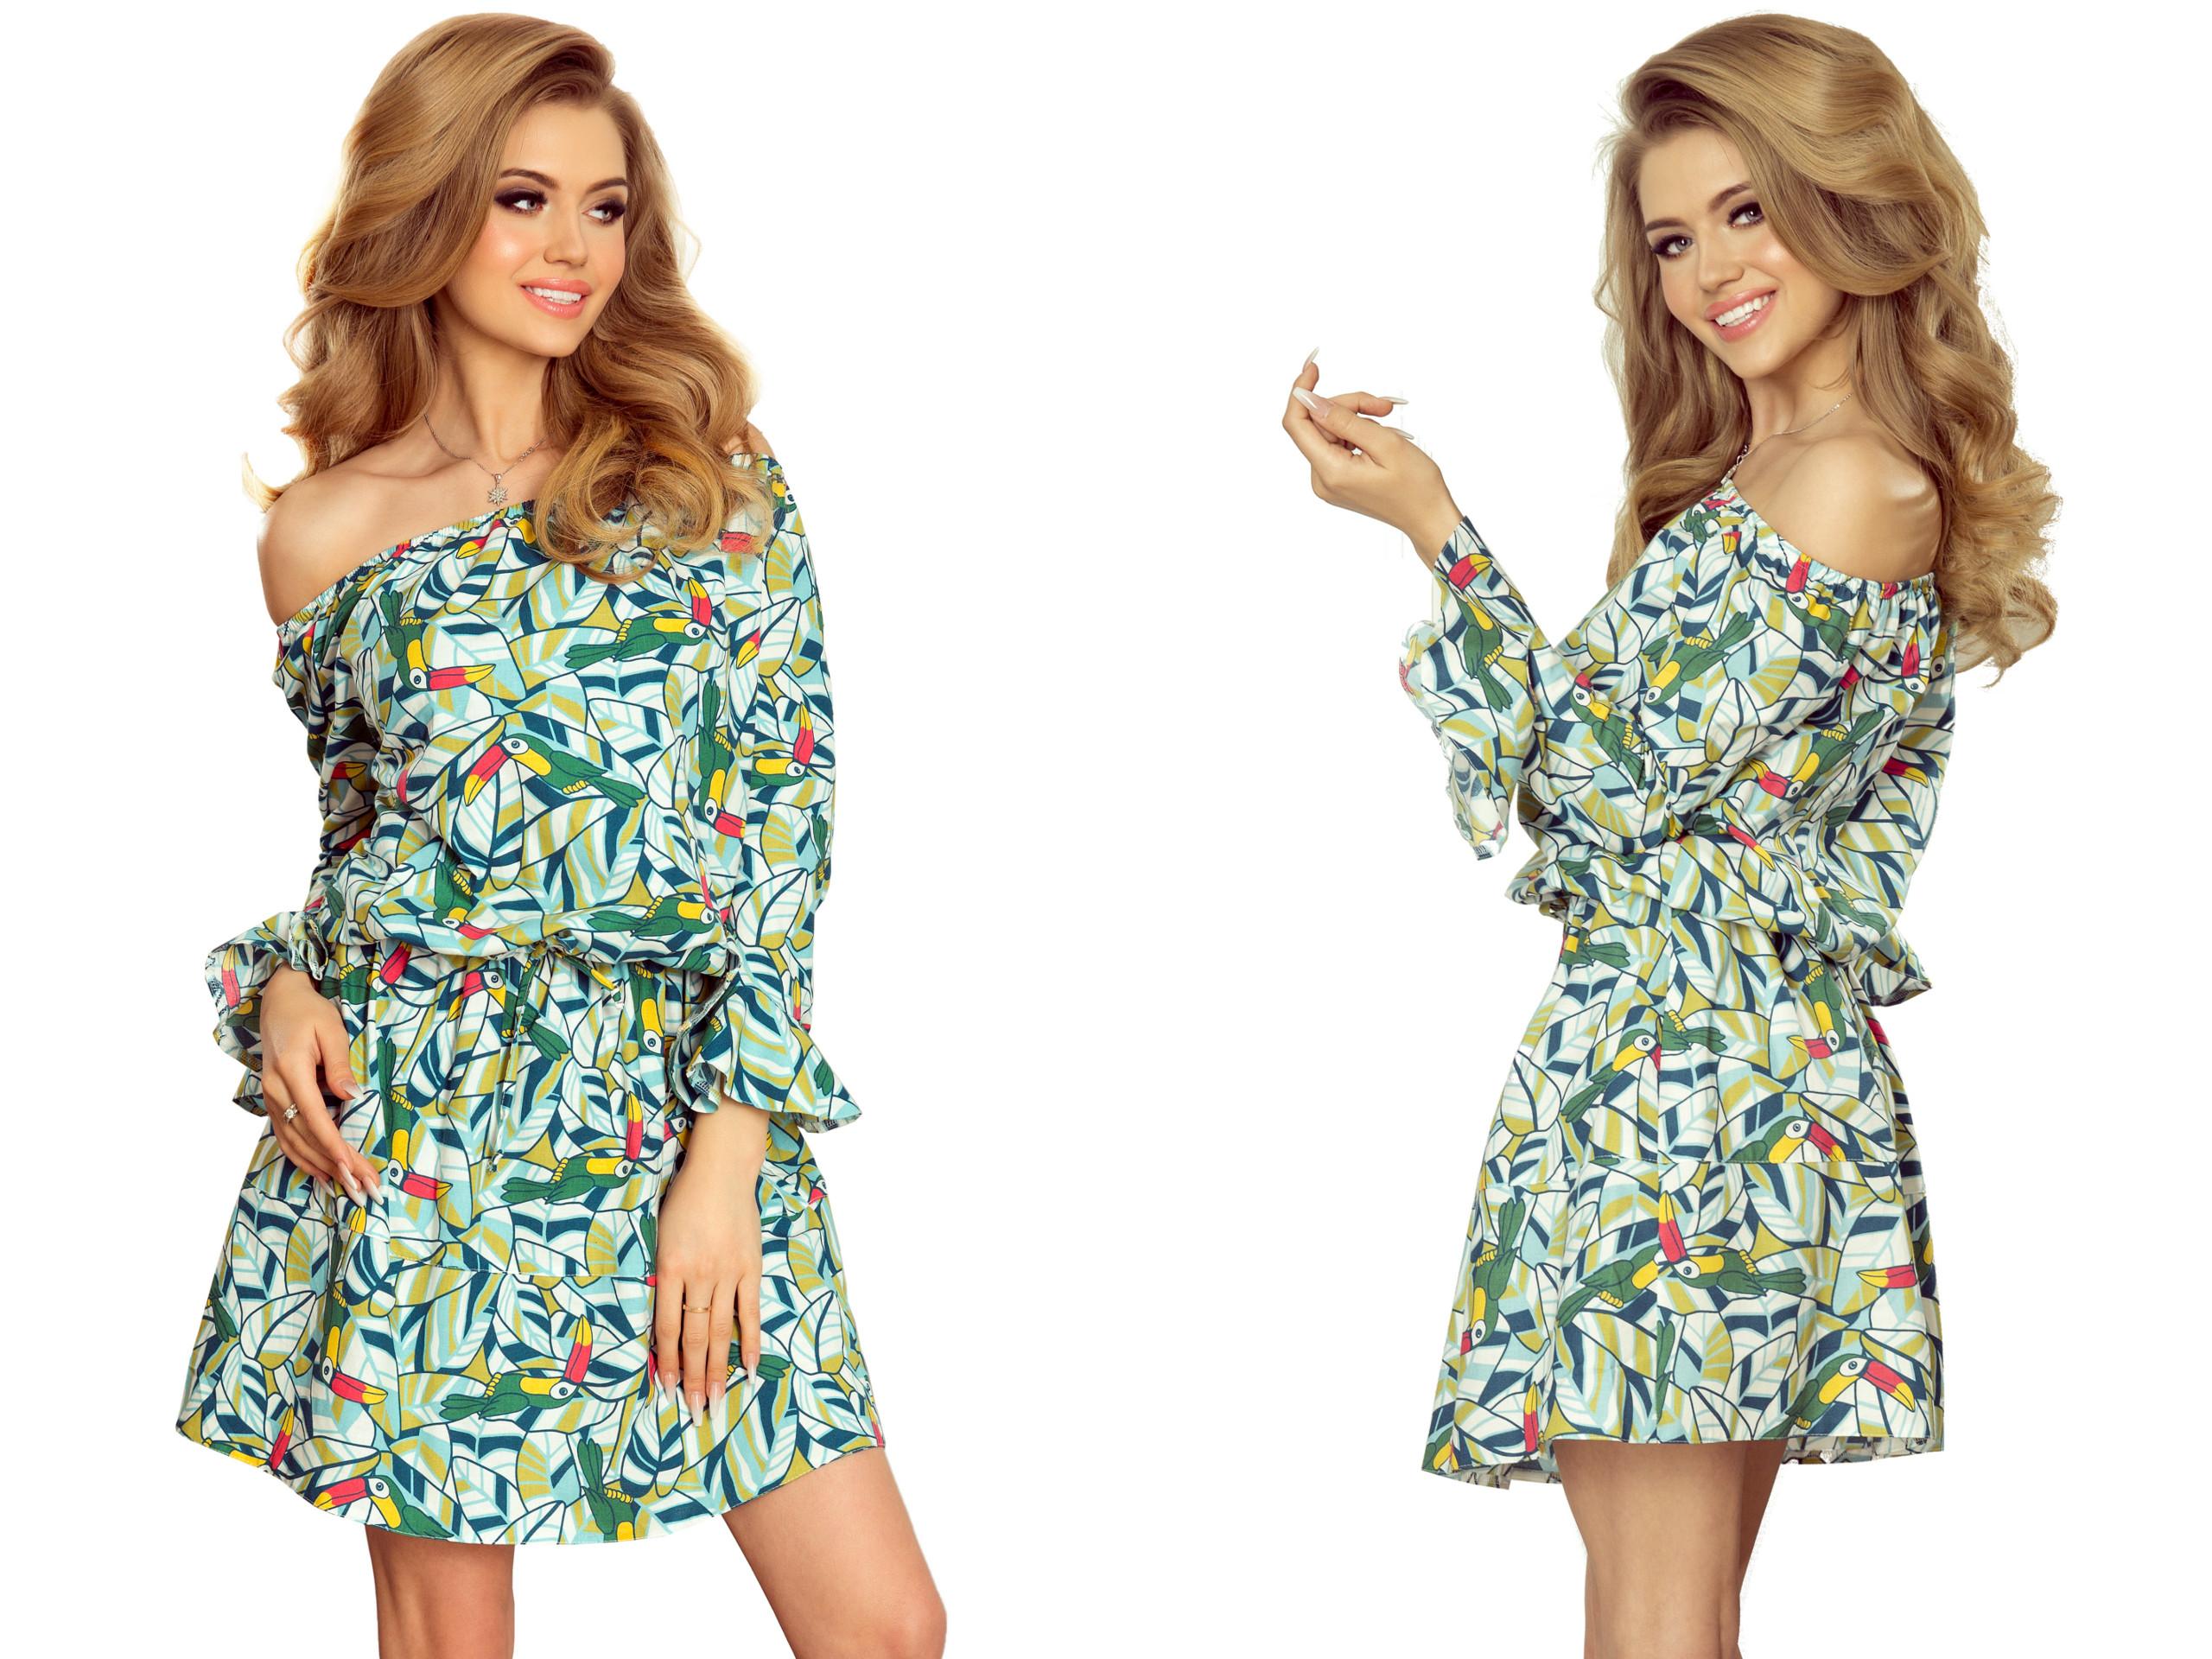 c90ba26bf9 MODNE Sukienki ROZKLOSZOWANE ZIELONE 198-4 S 36 - 7332159199 - oficjalne  archiwum allegro